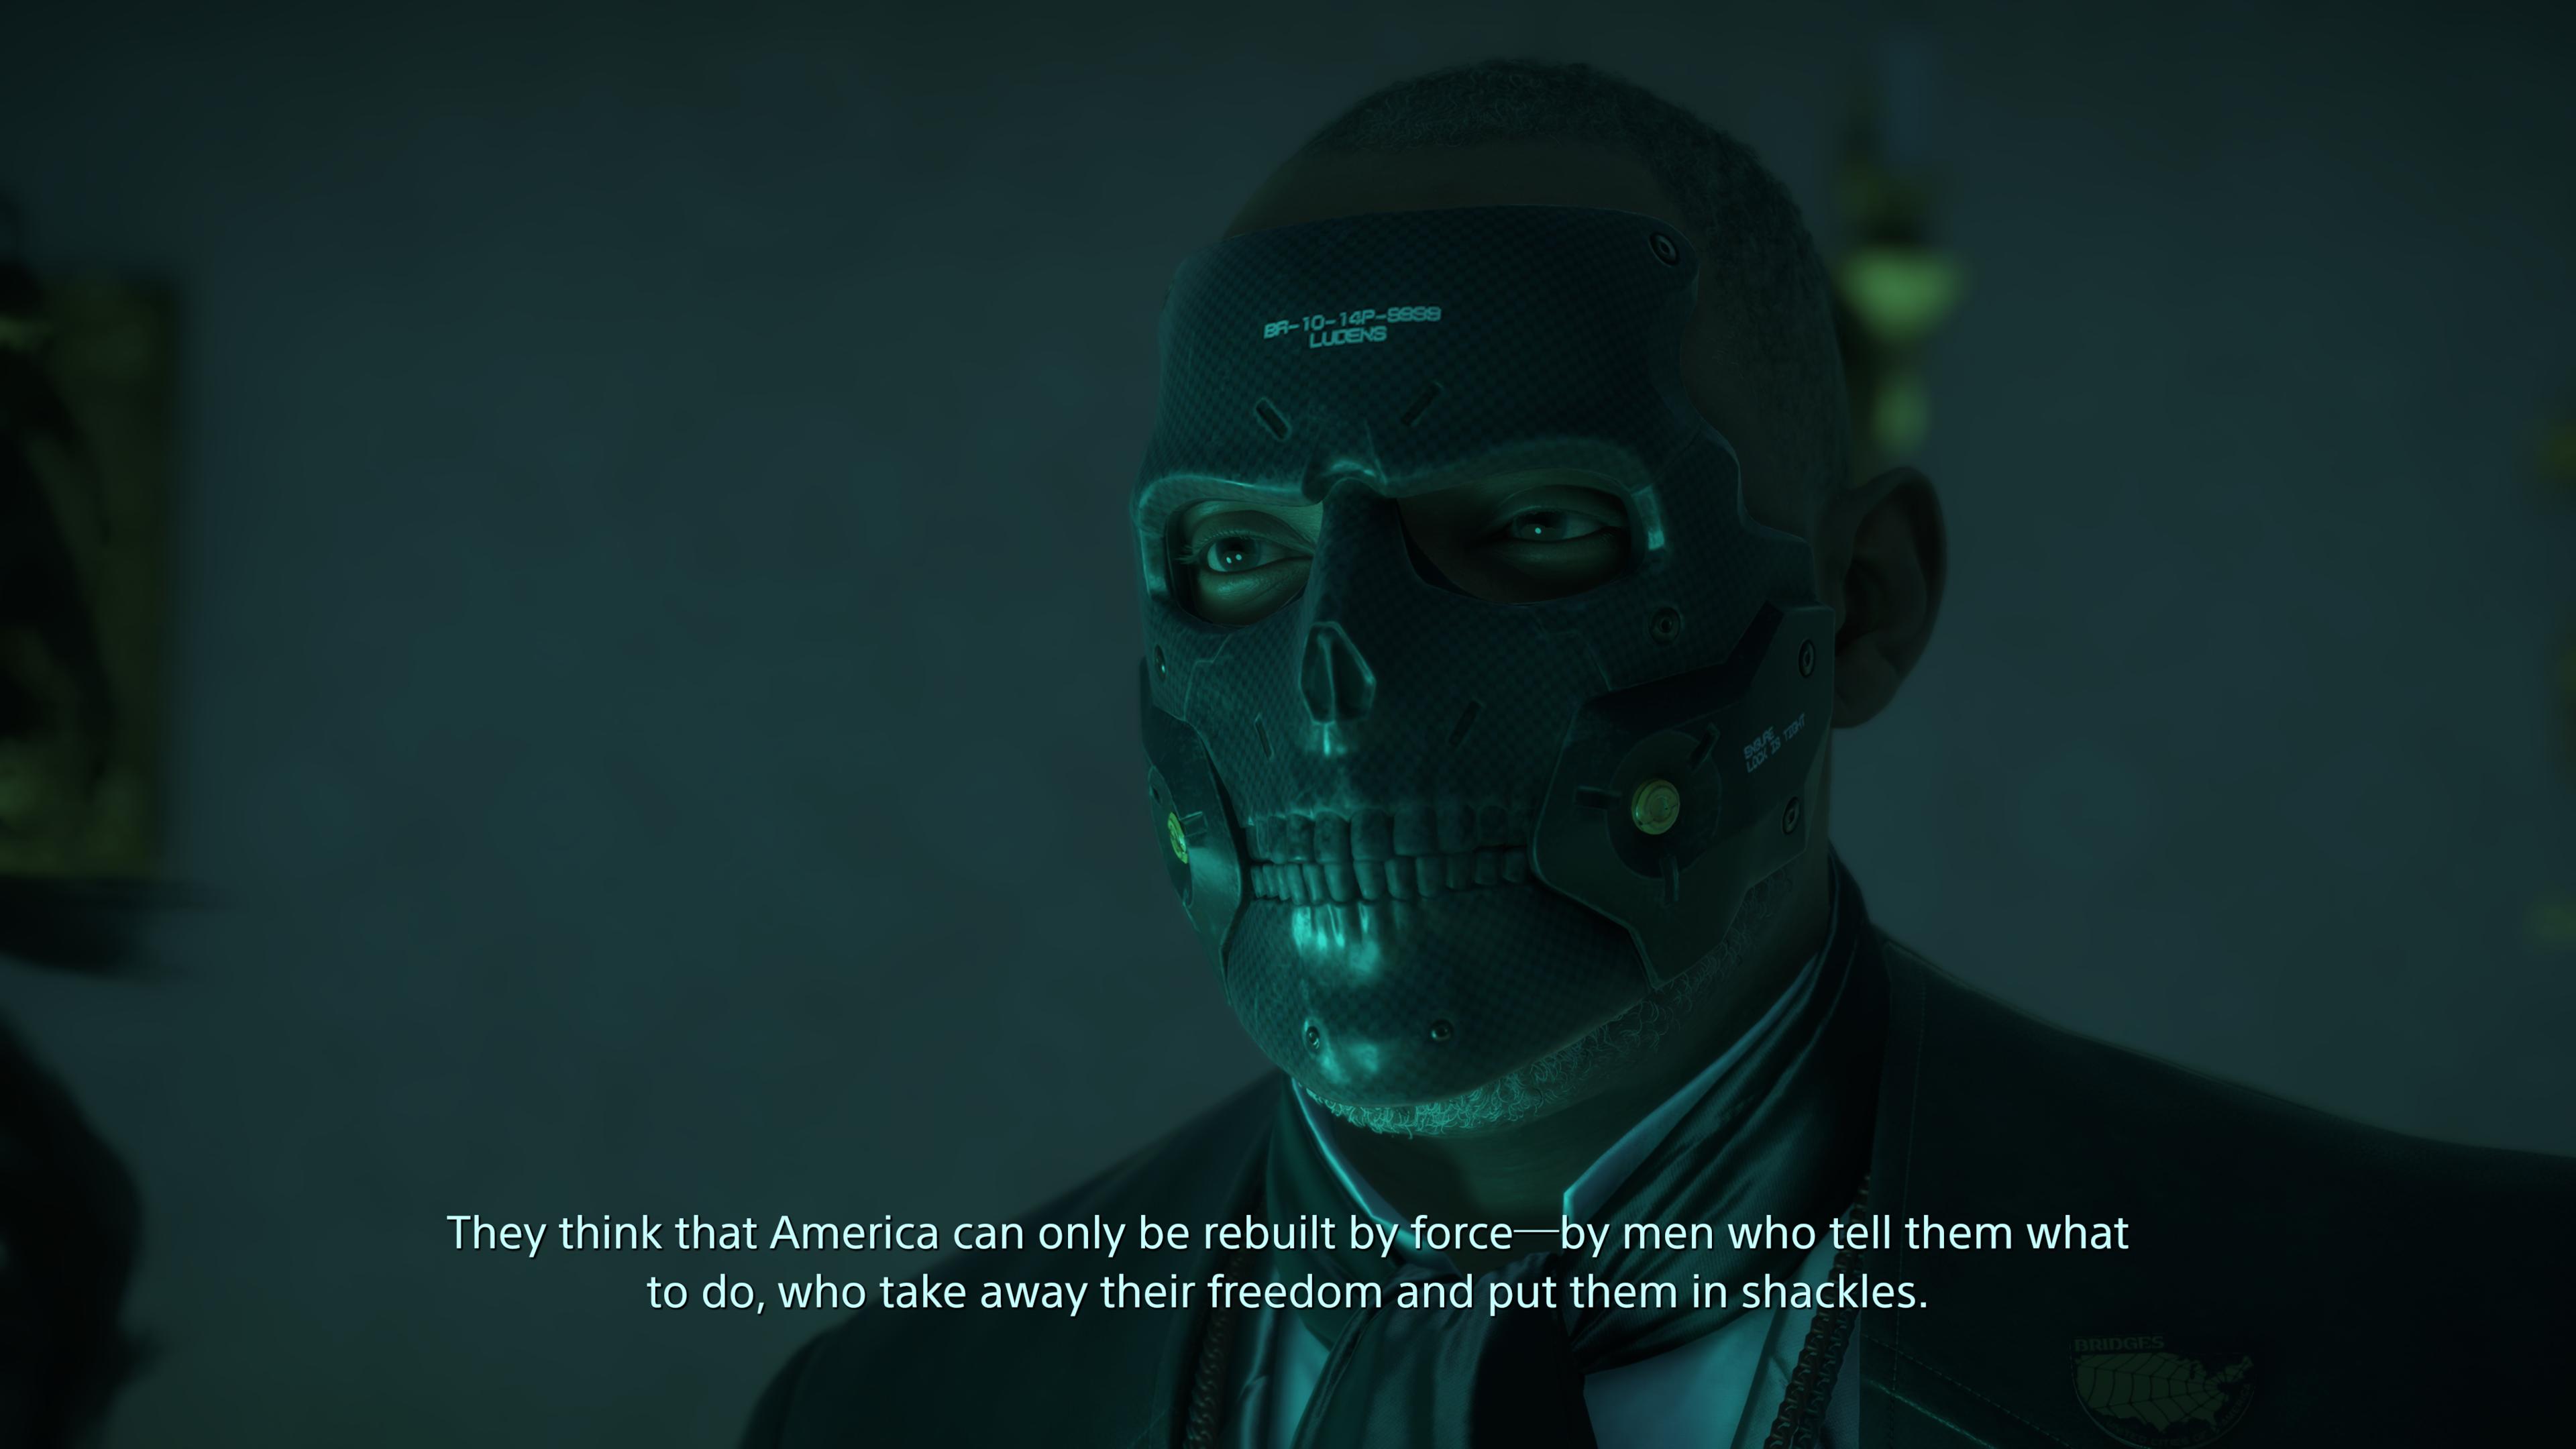 Death Stranding wyświetla cut-scenki w czasie rzeczywistym. Oparcie gry na silniku studia Guerilla Games było strzałem w dziesiątkę, spójrzcie na niesamowicie realistyczne modele twarzy